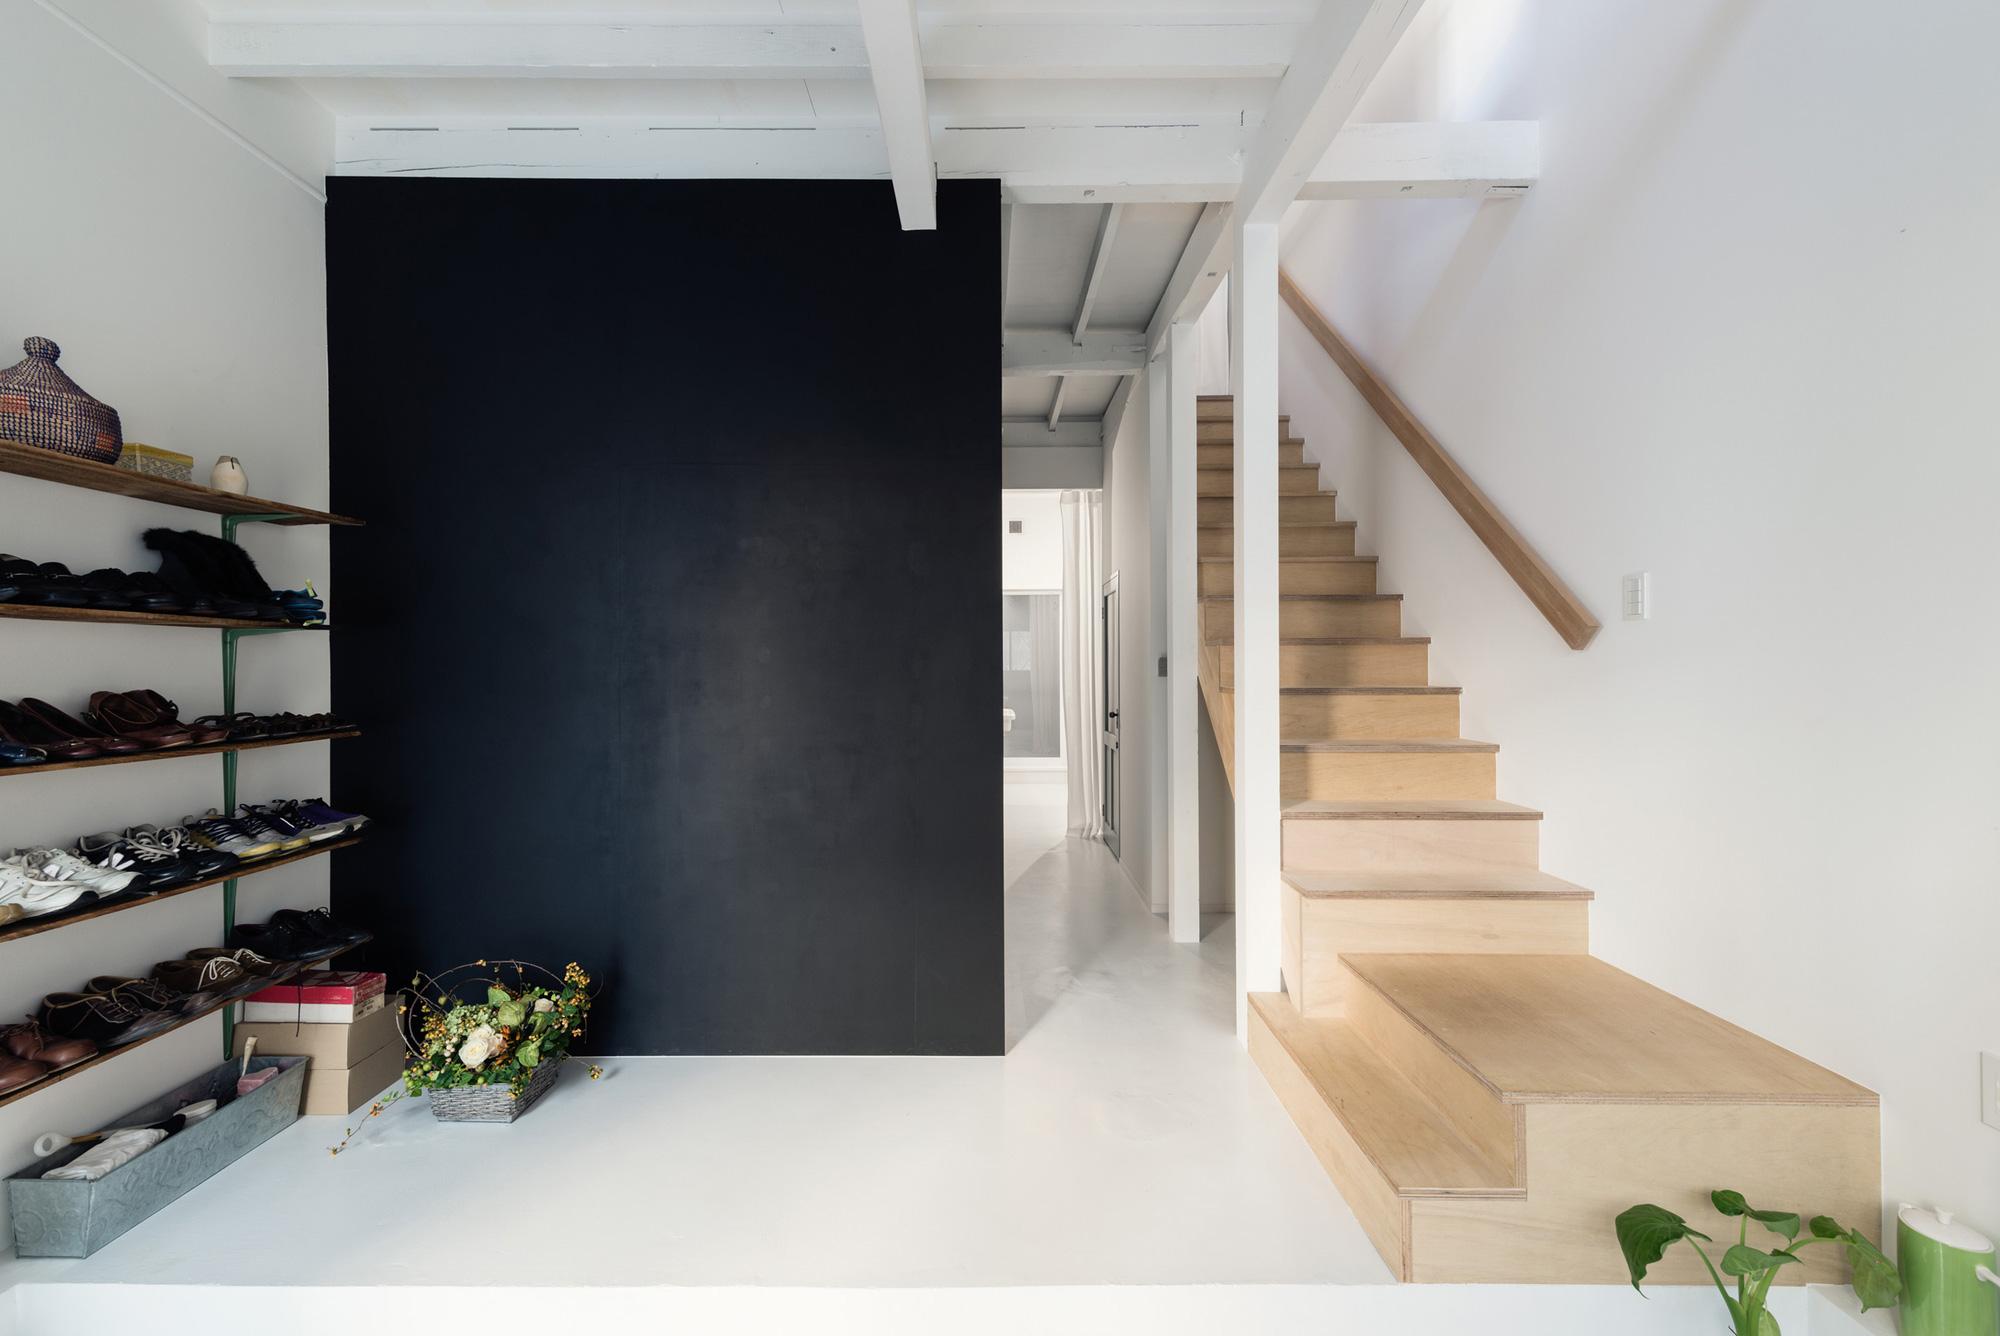 Re-Toyosaki / Coil Kazuteru Matumura Architects (22)